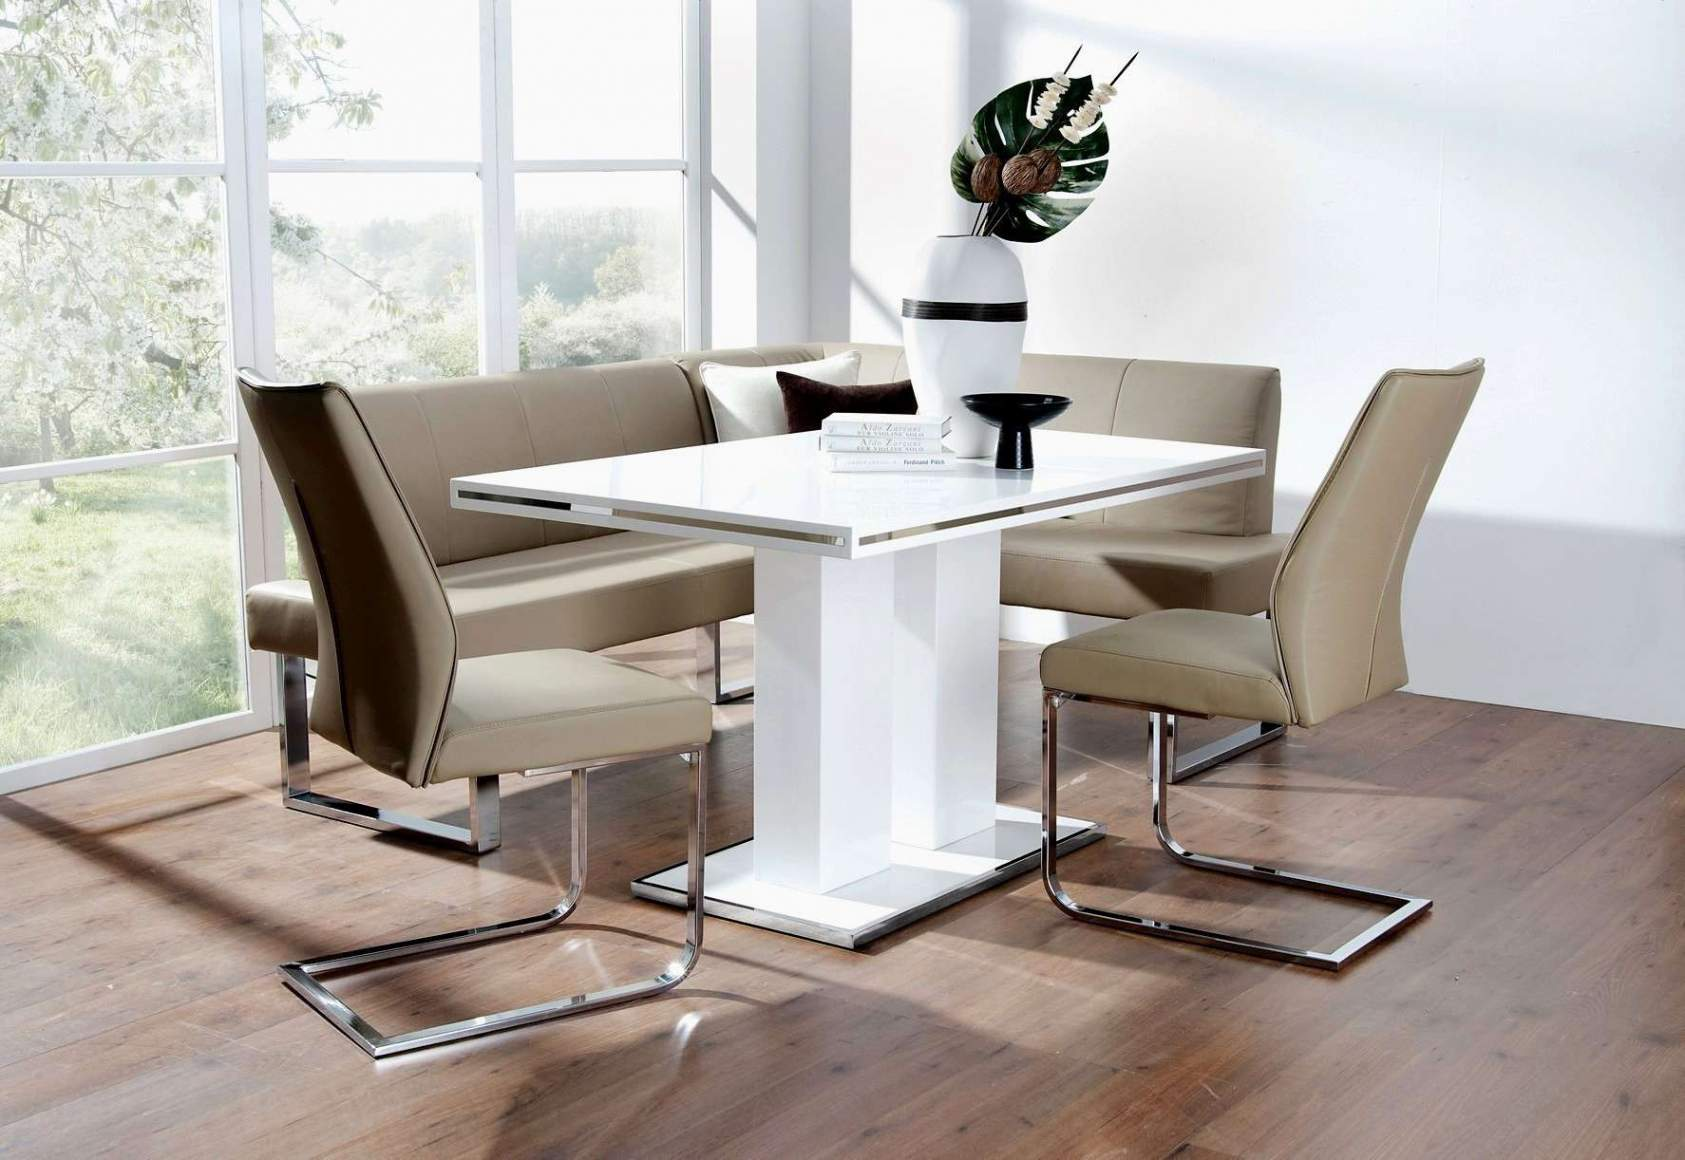 designer esstisch stuhle amegweb wandschutz fur stuhle wandschutz fur stuhle